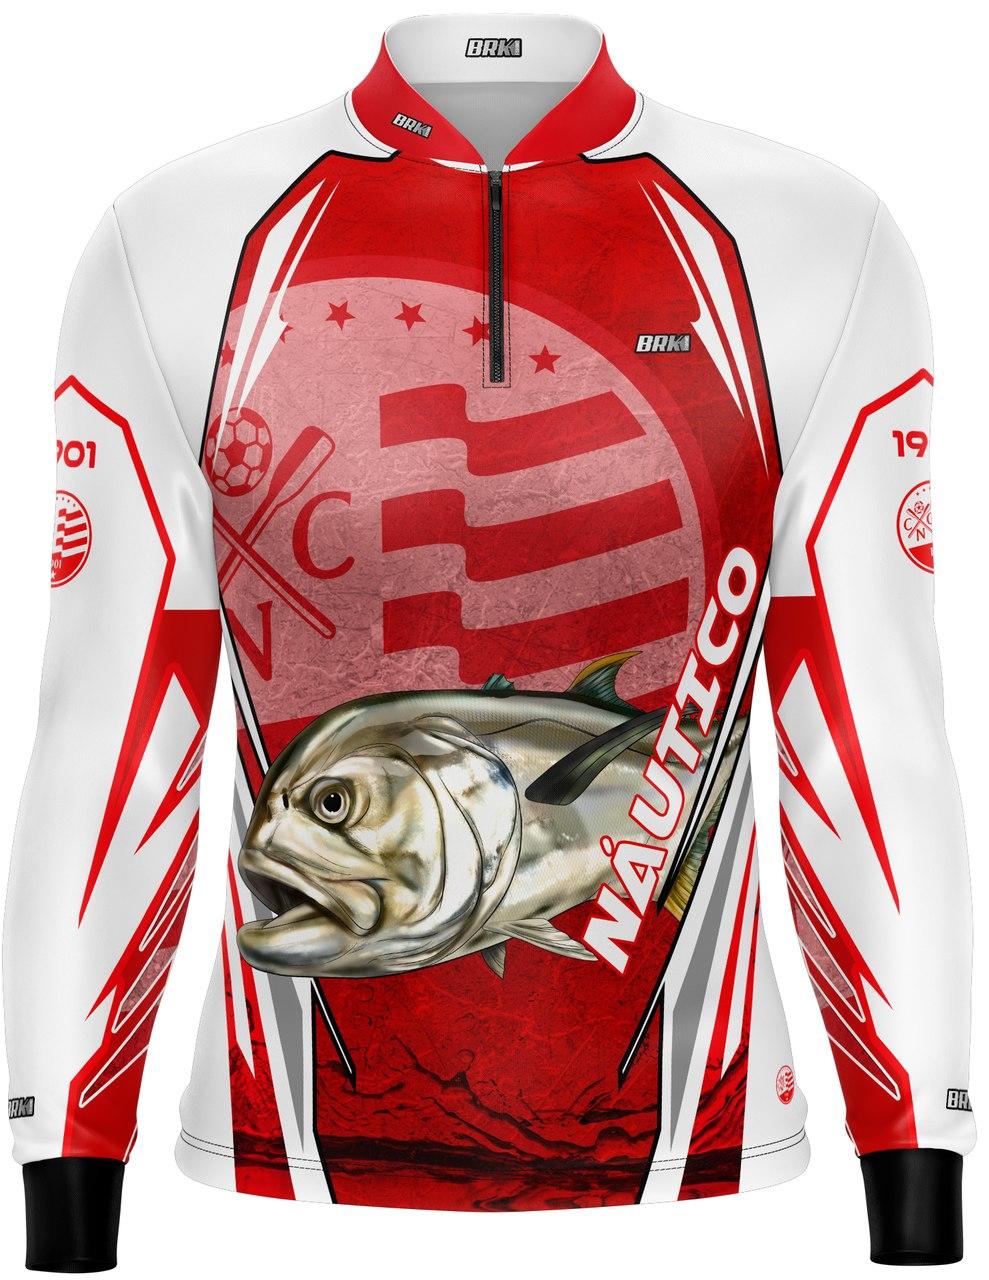 Camisa de Pesca Brk Xaréu Futebol 37 com fpu 50+